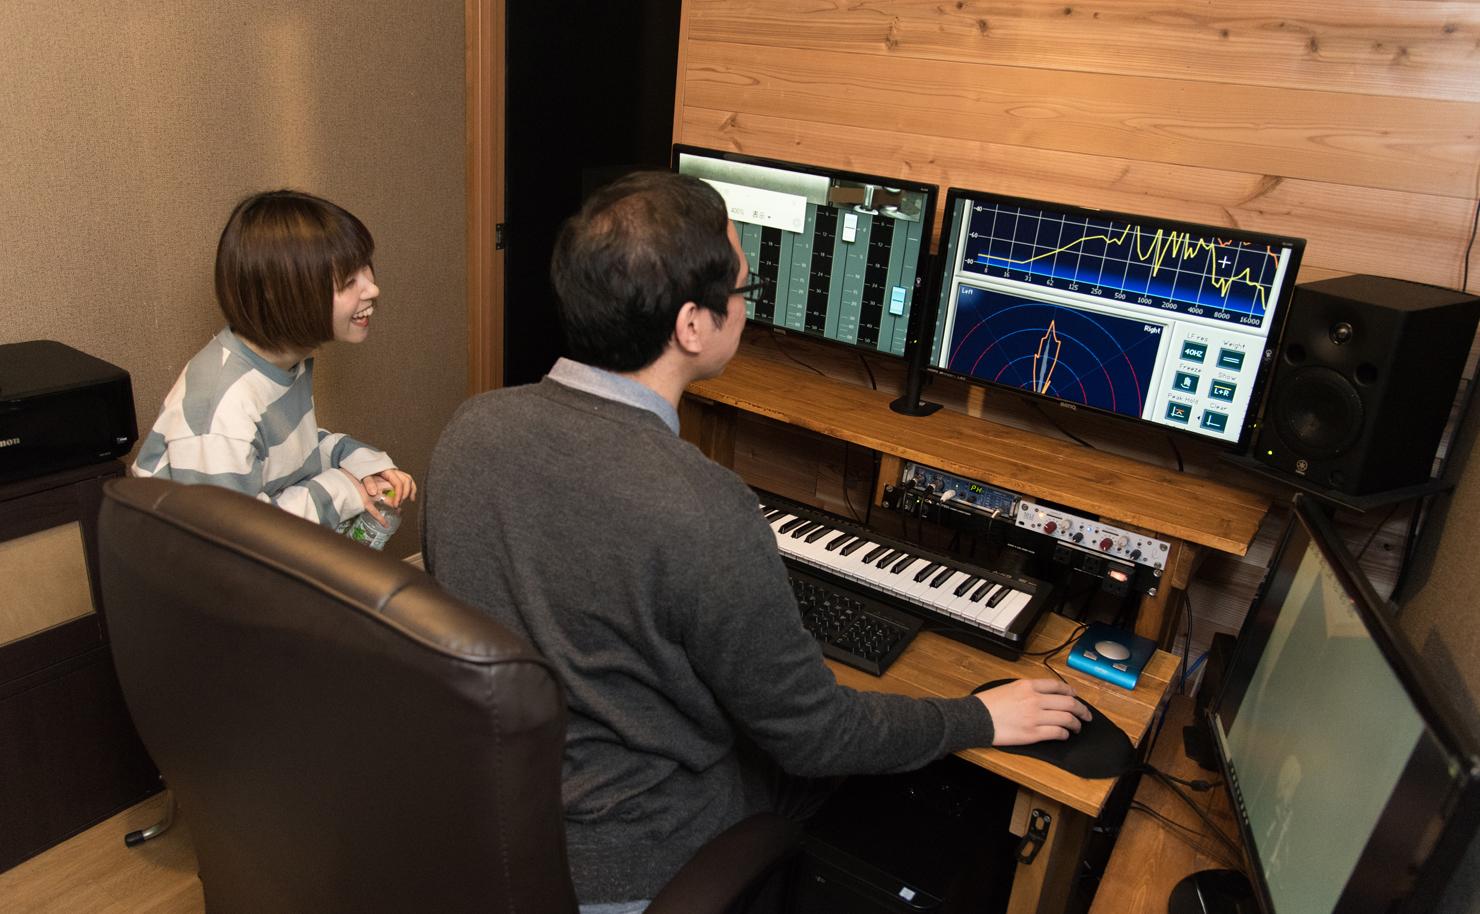 日ナレ / S・響・エースクルー / スターダストプロモーション声優部 / 大沢事務所などのオーディション向けボイスサンプル制作についてお気軽にご相談ください